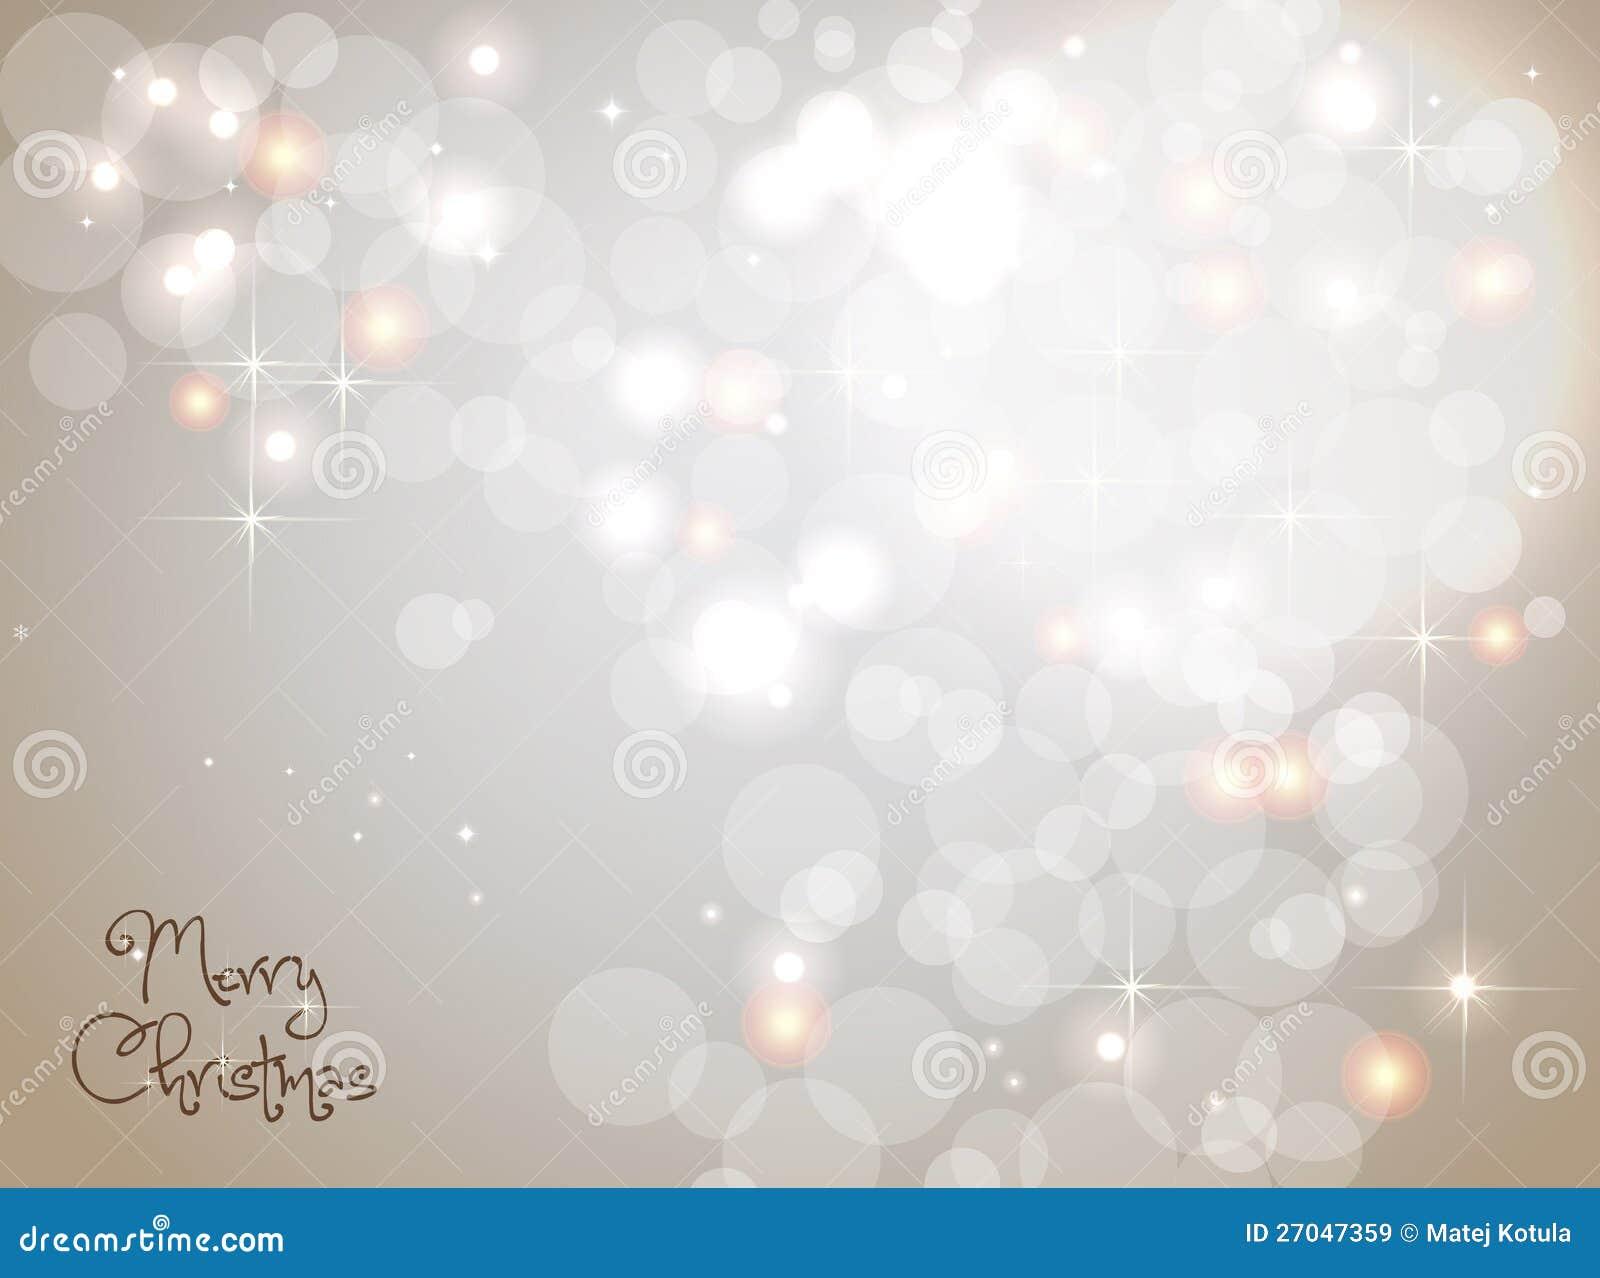 Christmas Lights Plano